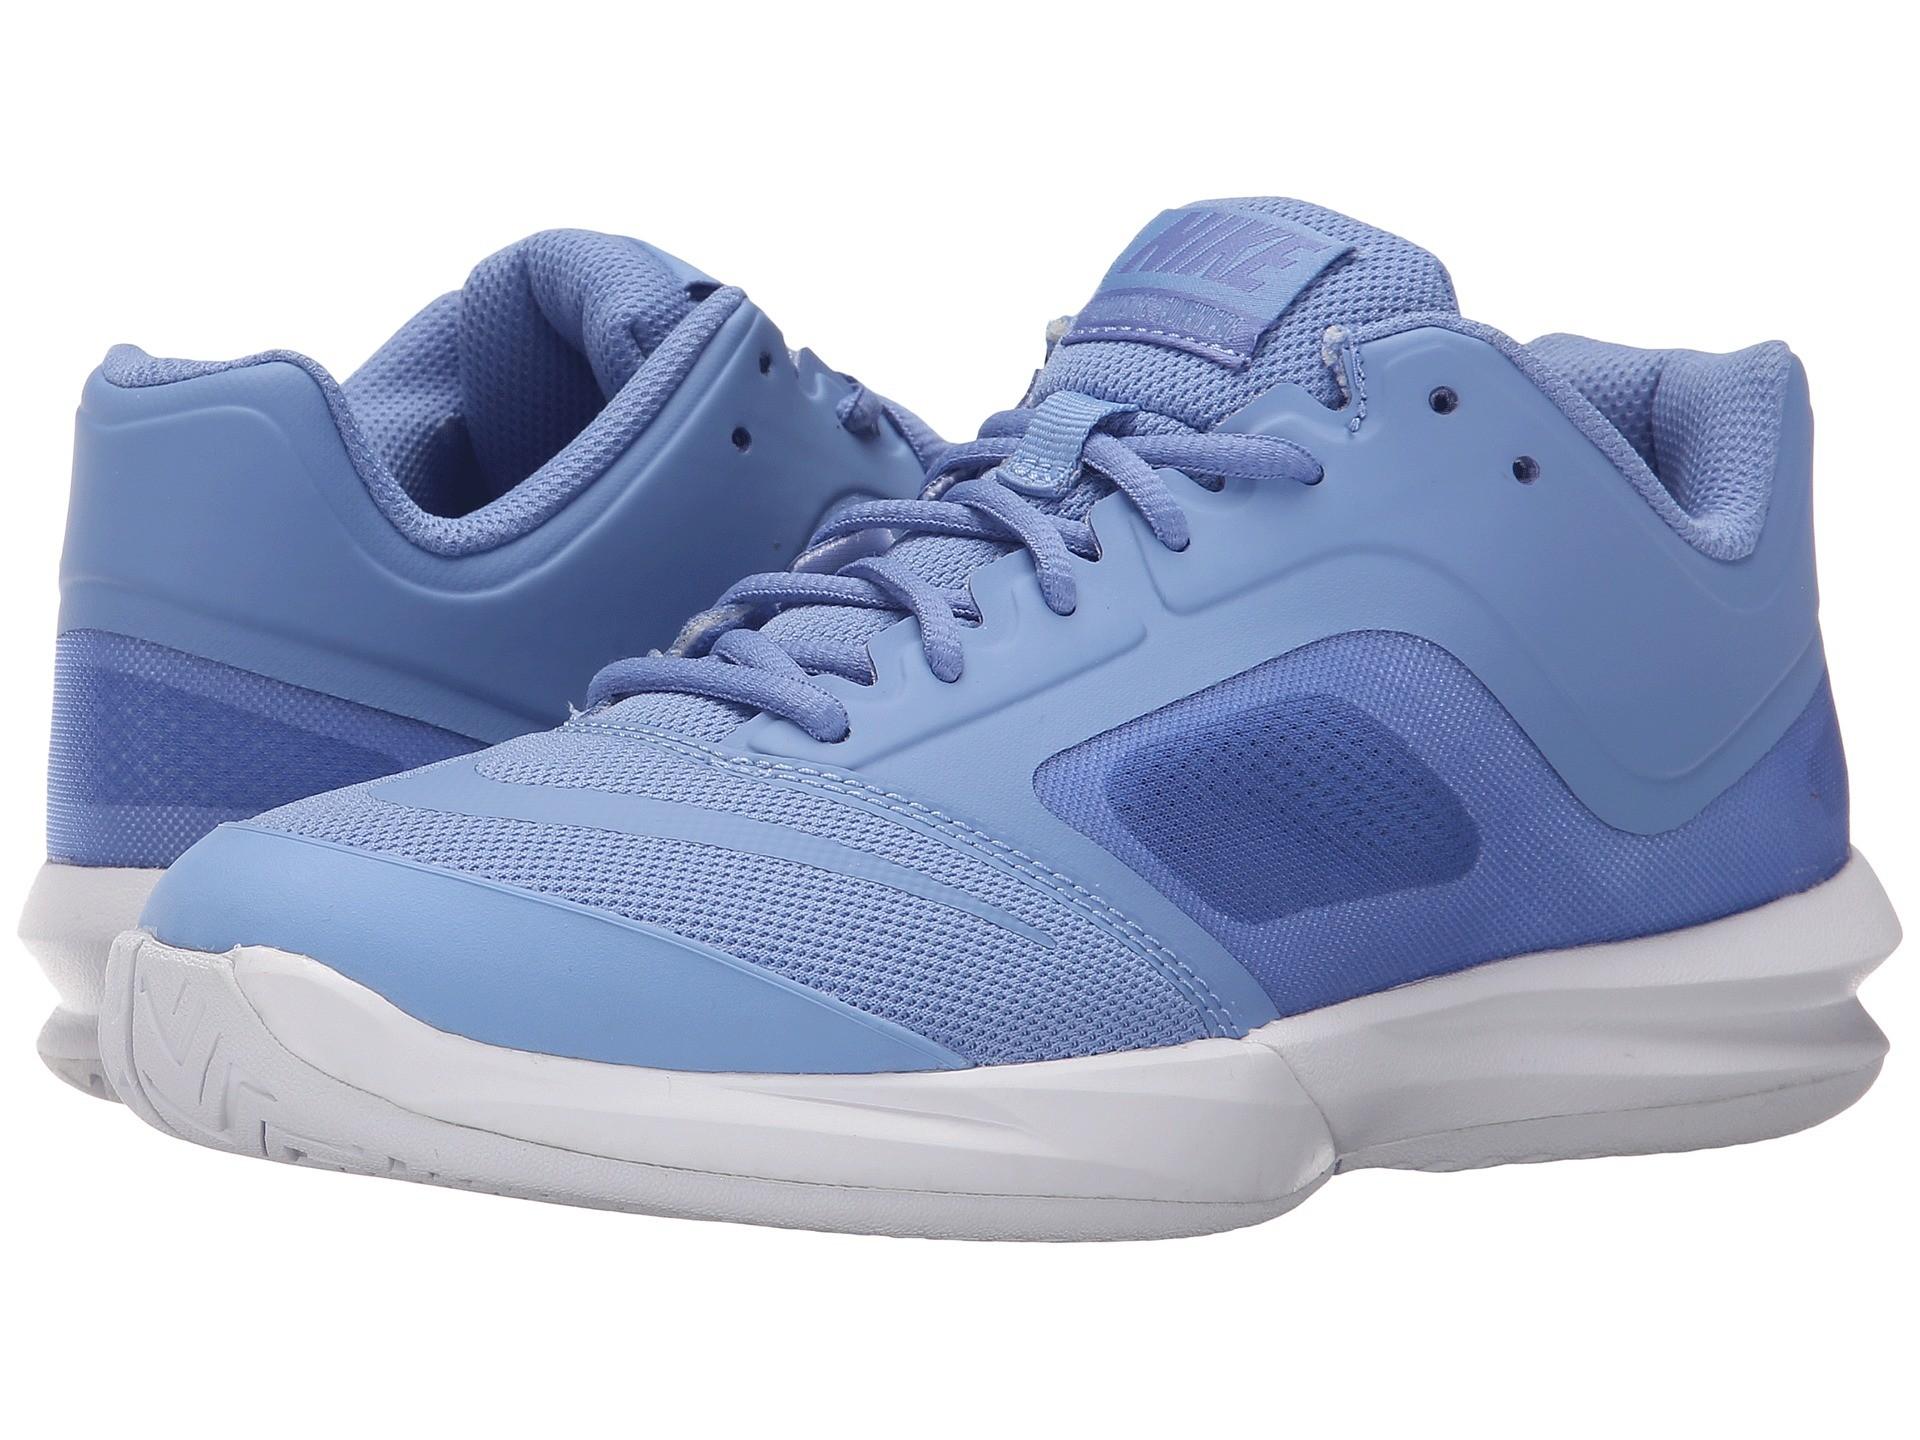 Dámská tenisová obuv Nike Ballistec Advantage blue white - Tenissport Březno 7368bf3f474